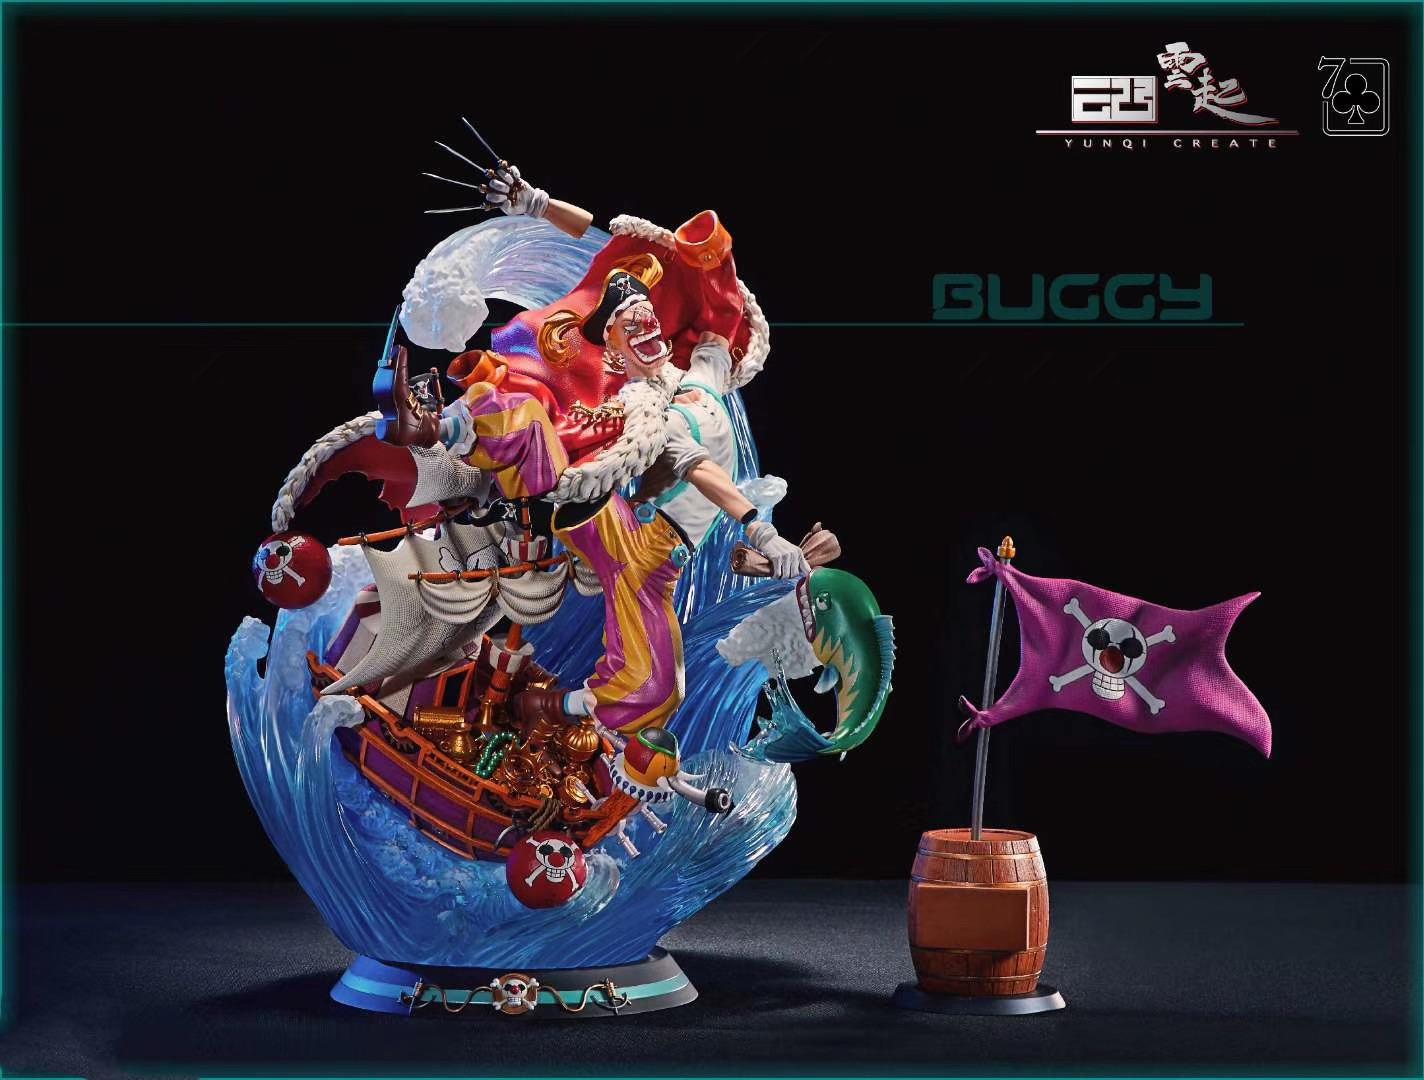 ชายในตำนาน กัปตัน Buggy Yunqi Create (มัดจำ)[[SOLDOUT]]